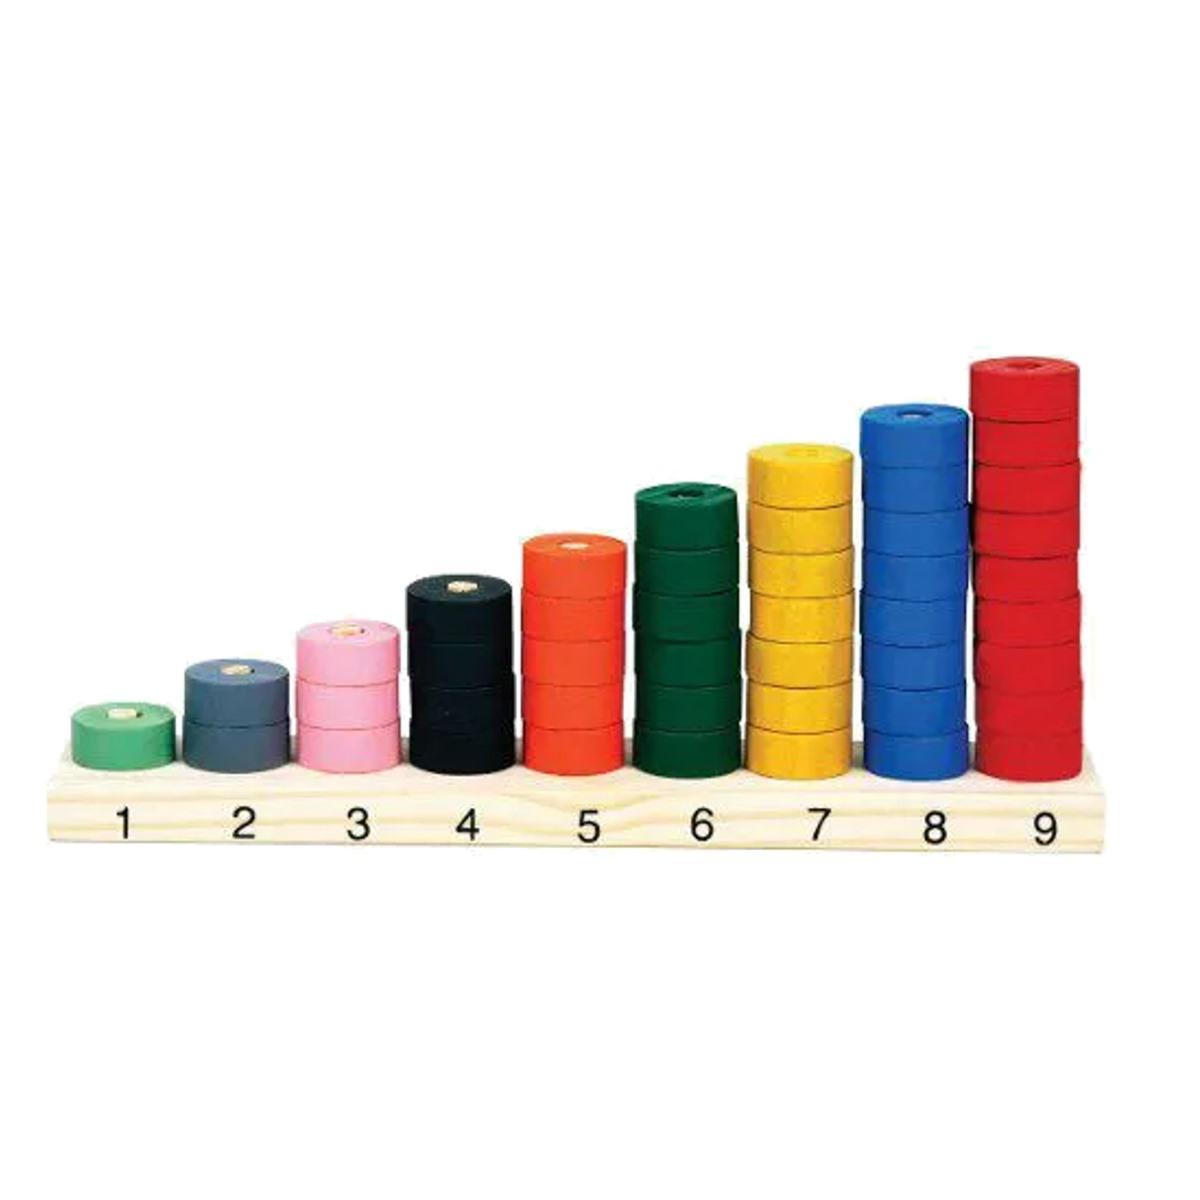 Brinquedos Educativos - Ábaco de Seriação 45 Peças